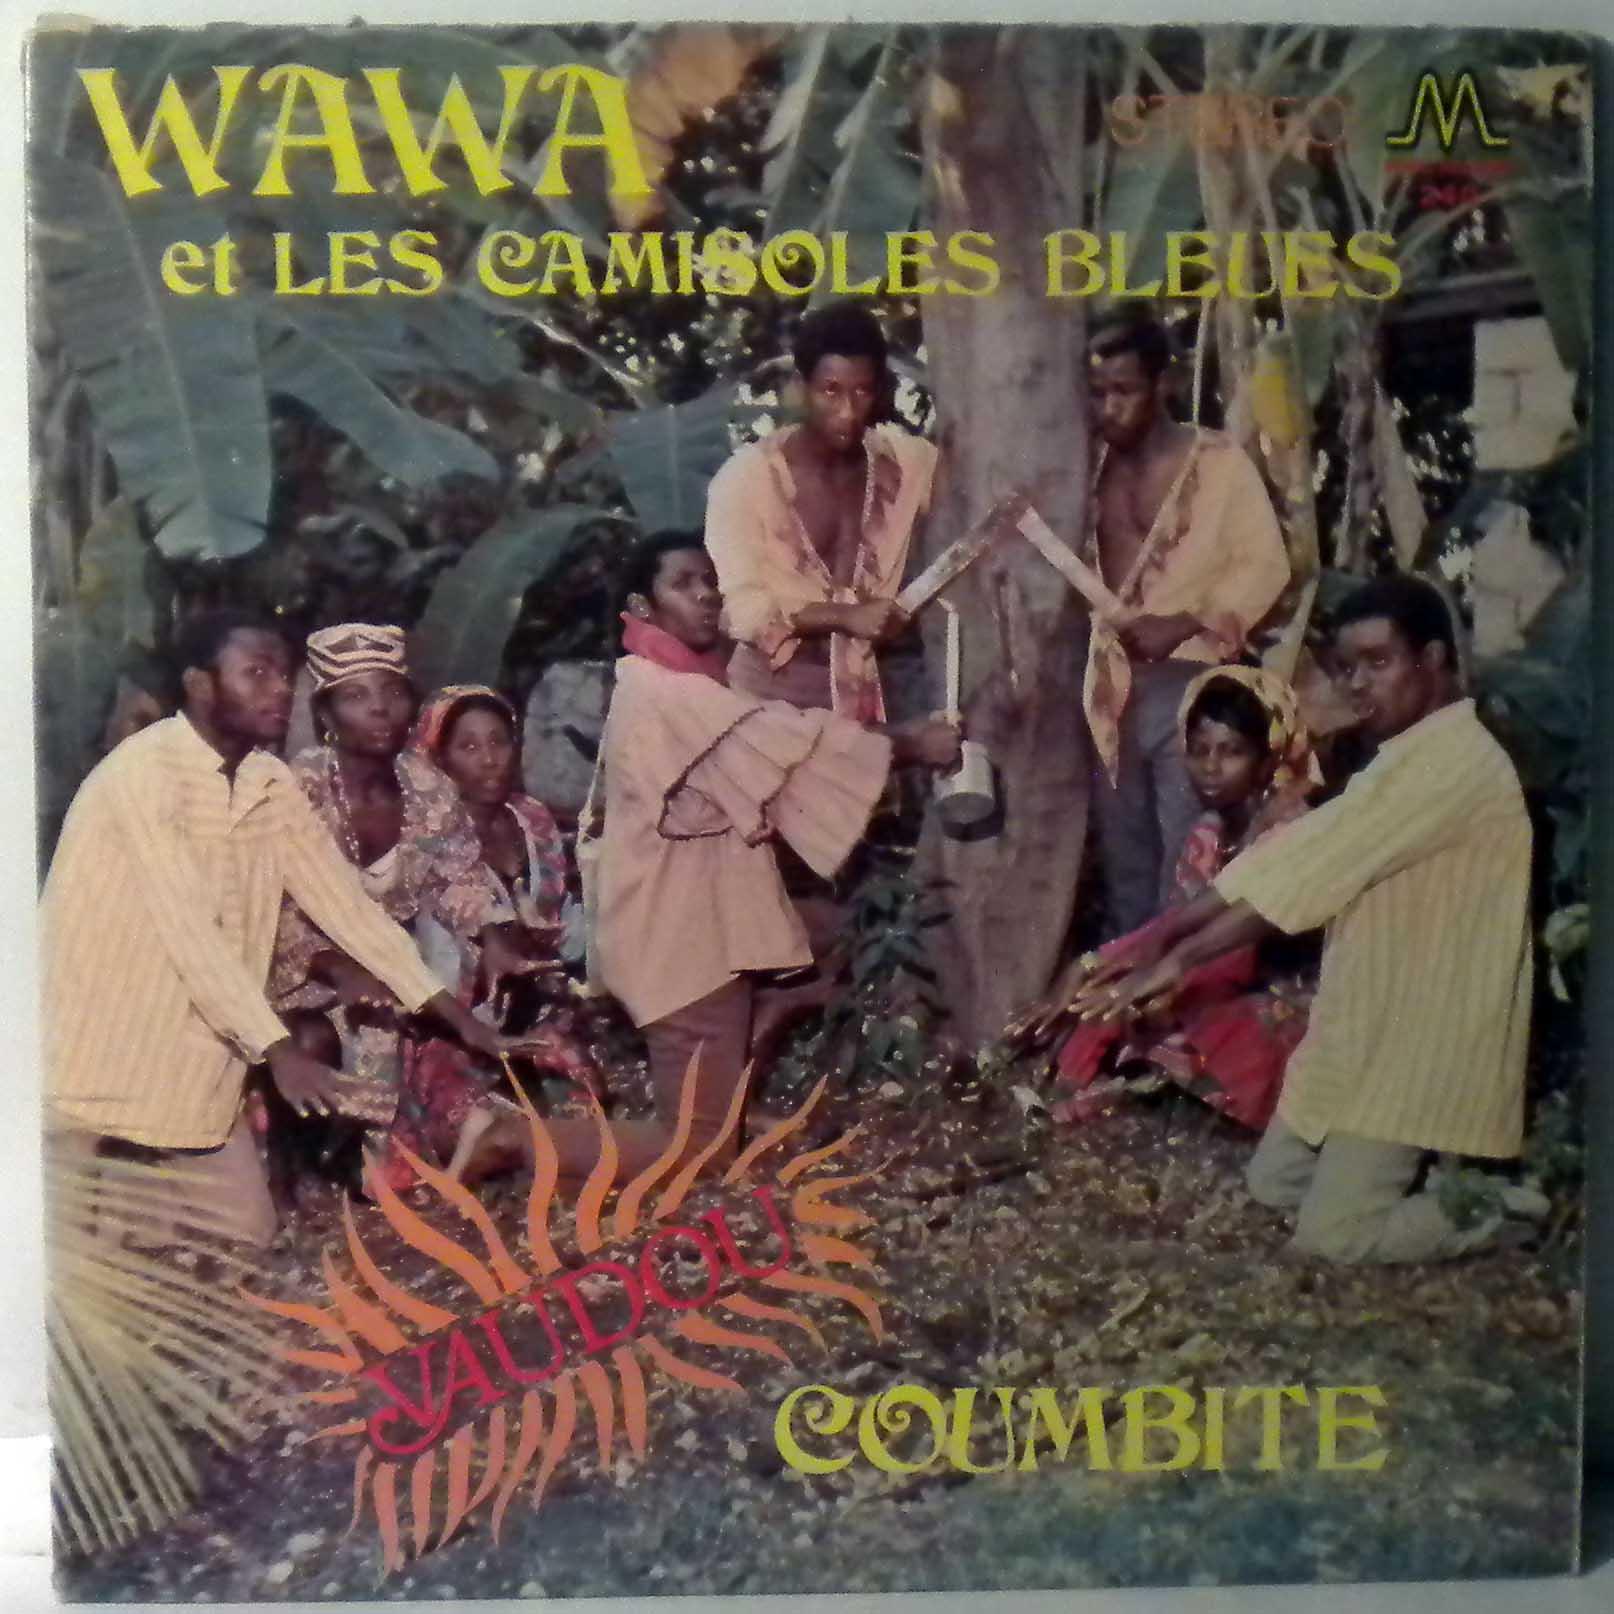 WAWA ET LES CAMISOLES BLEUES - Vaudou coumbite - LP